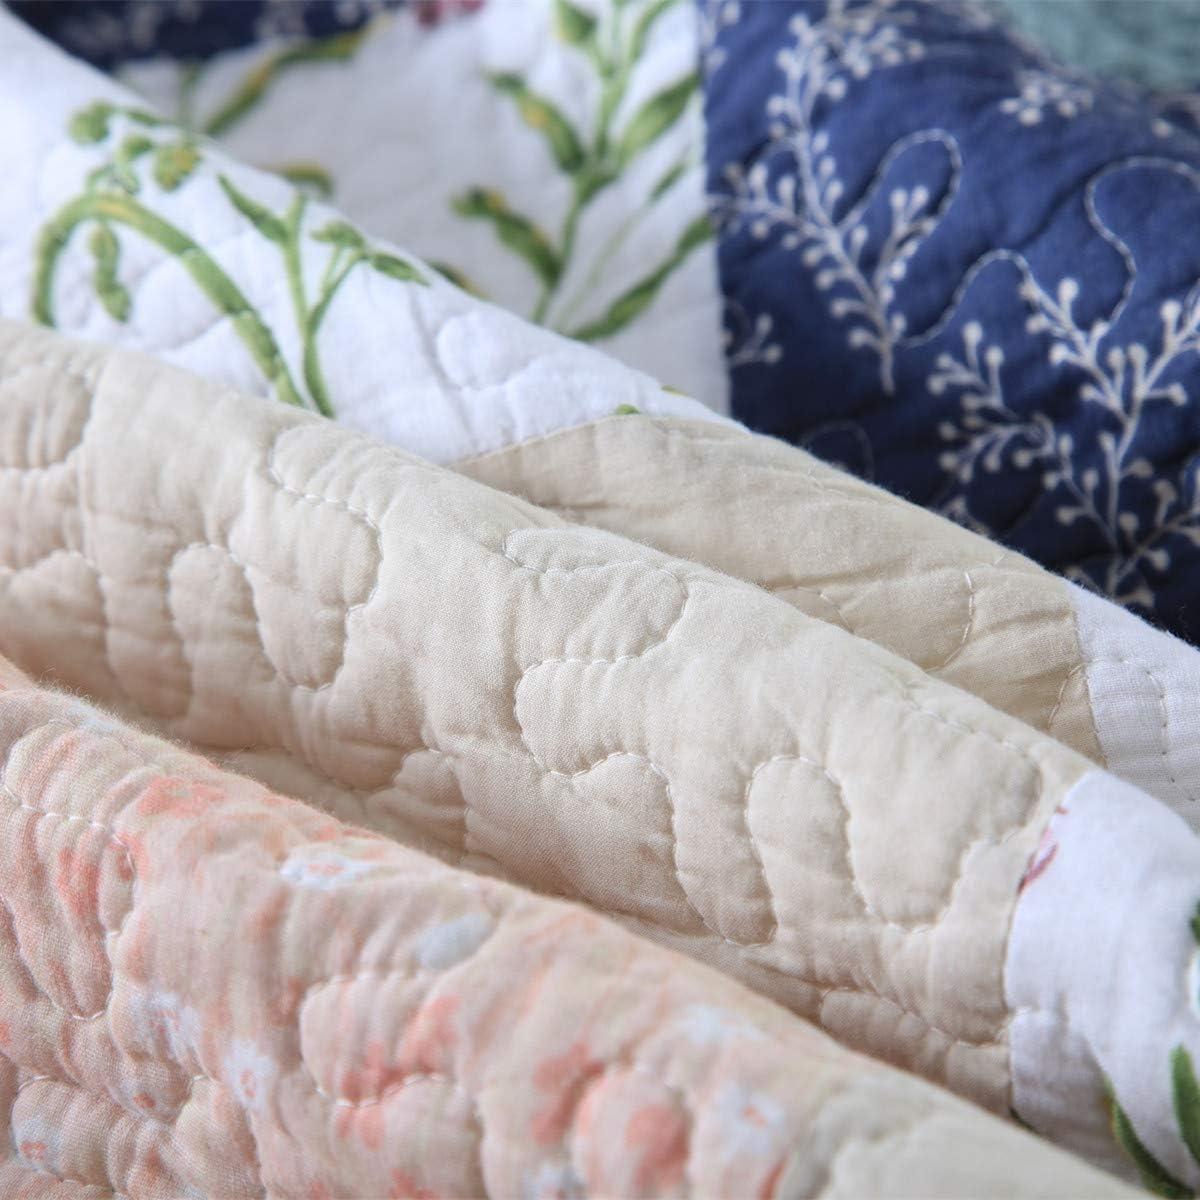 Qucover Couvre Lit Matelass/é Couverture Patchwork Courtepointe en Coton 100/% Nordique Parure de Lit Air Conditionn/é Traditionnel boutis 3 Pi/èces Grande